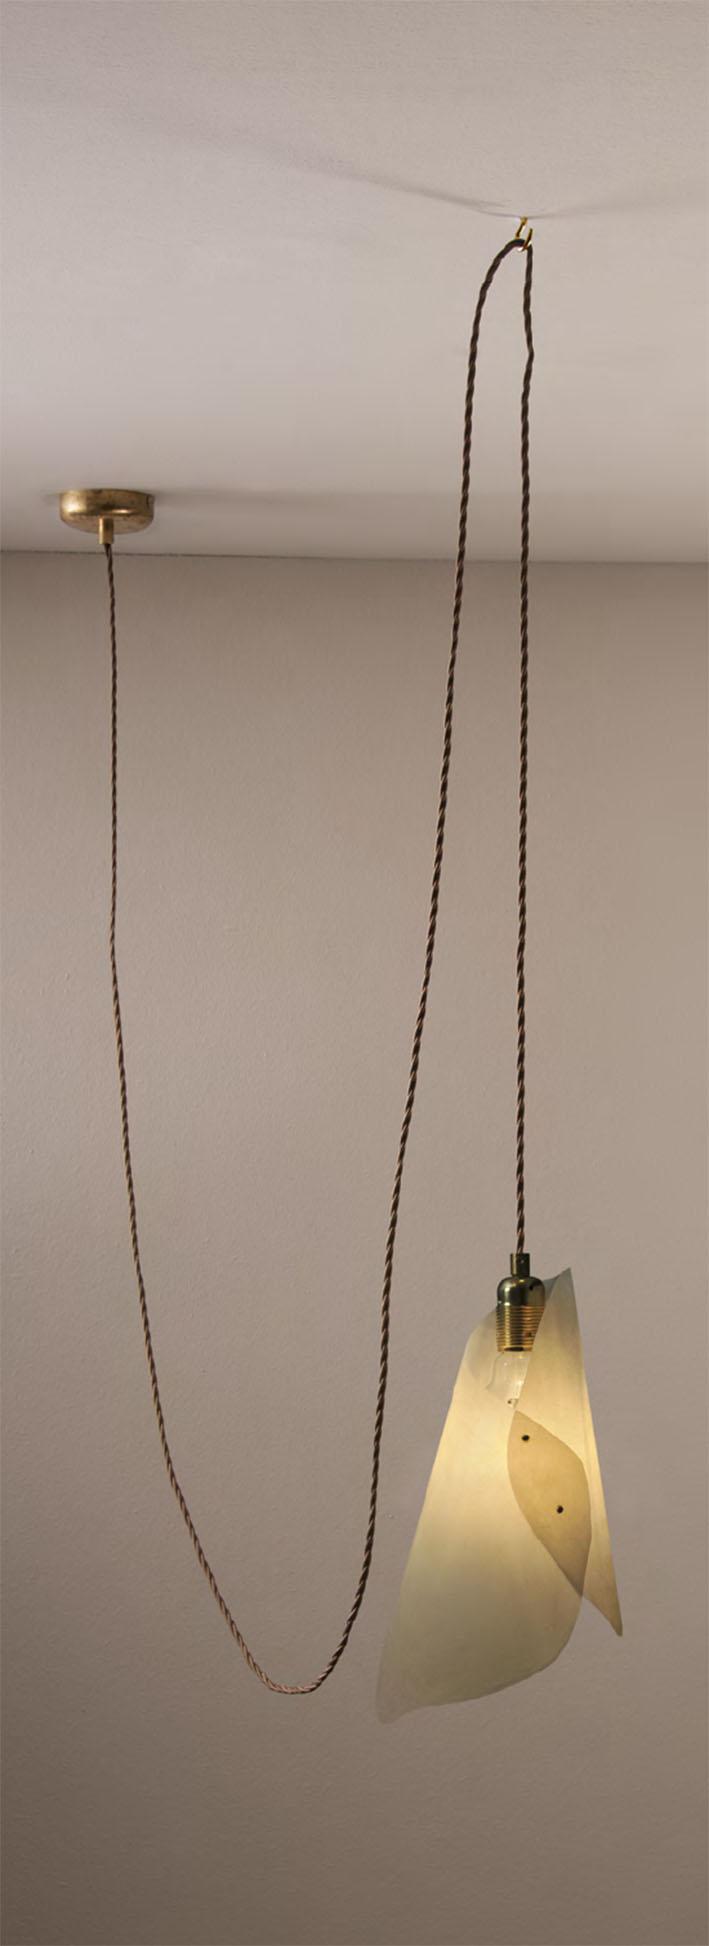 Camerette Ultramoderne : Sideform accessorio nudo ottone cromo vestito pergamena